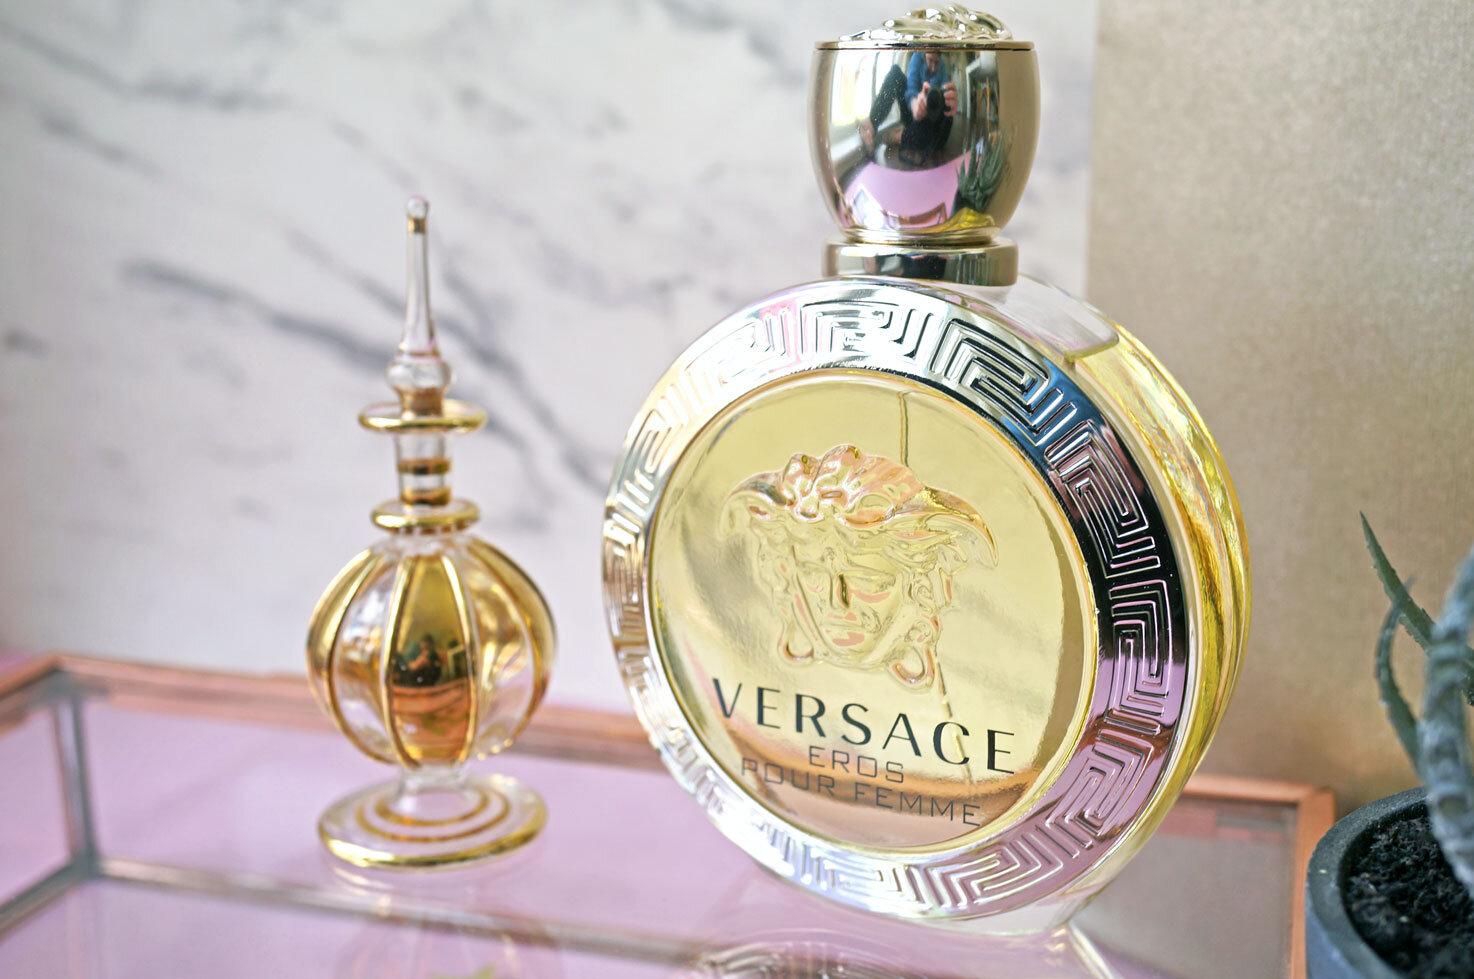 Nước hoa Versace Eros pour femme – hương hoa cỏ cho nàng thêm quyến rũ